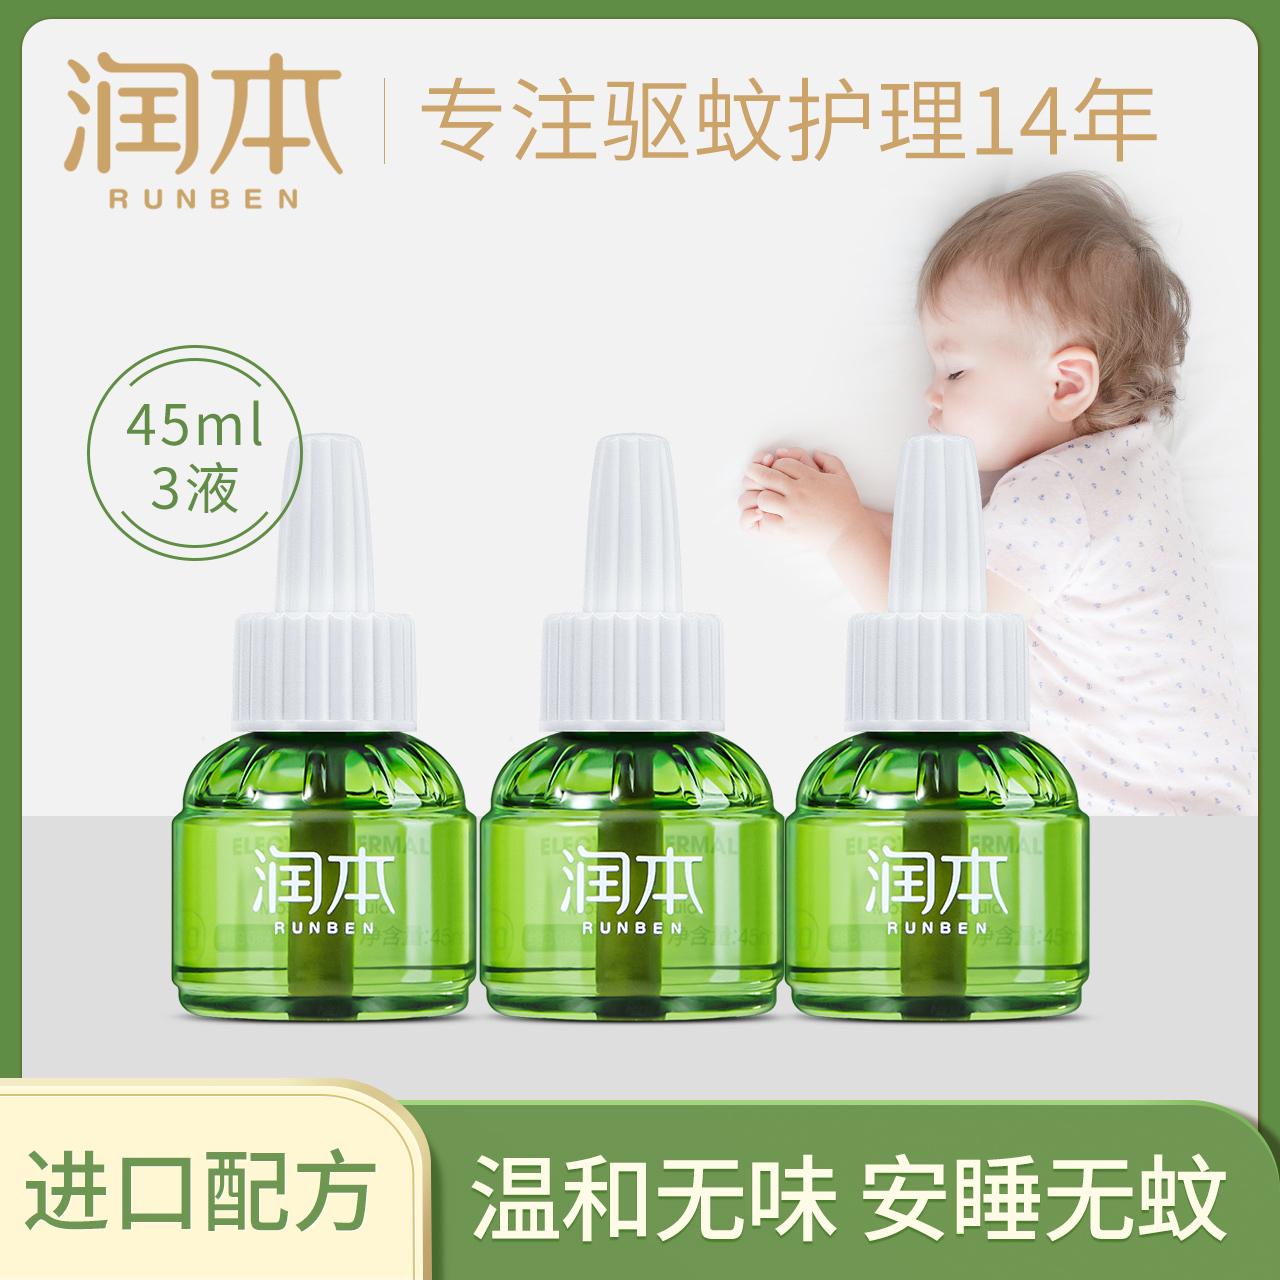 润本电热宝宝驱蚊液驱蚊器3蚊香液